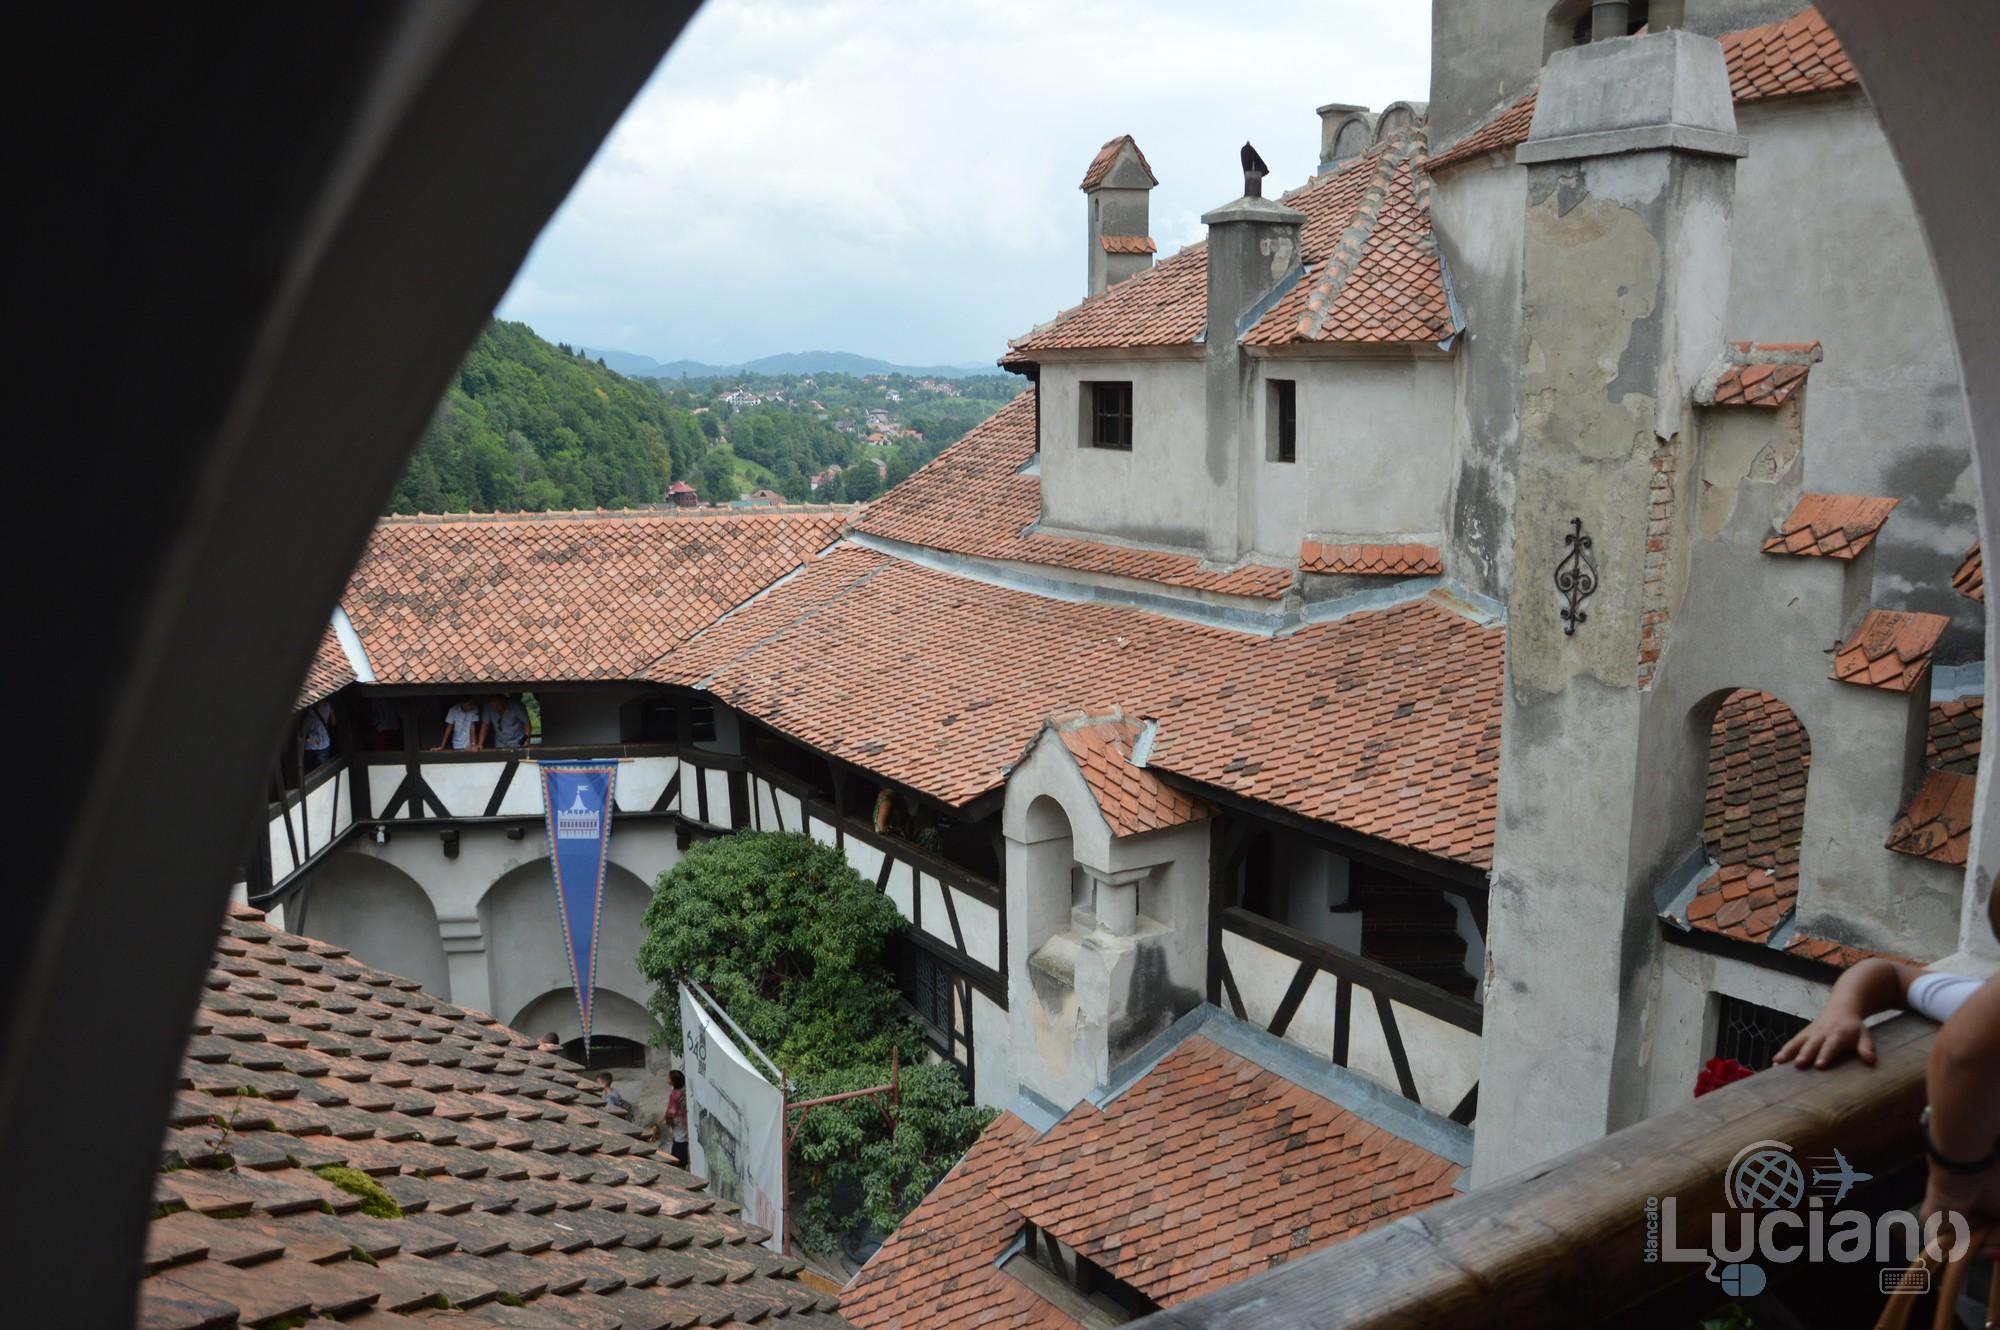 castello-di-dracula-castello-di-bran-luciano-blancato (65)